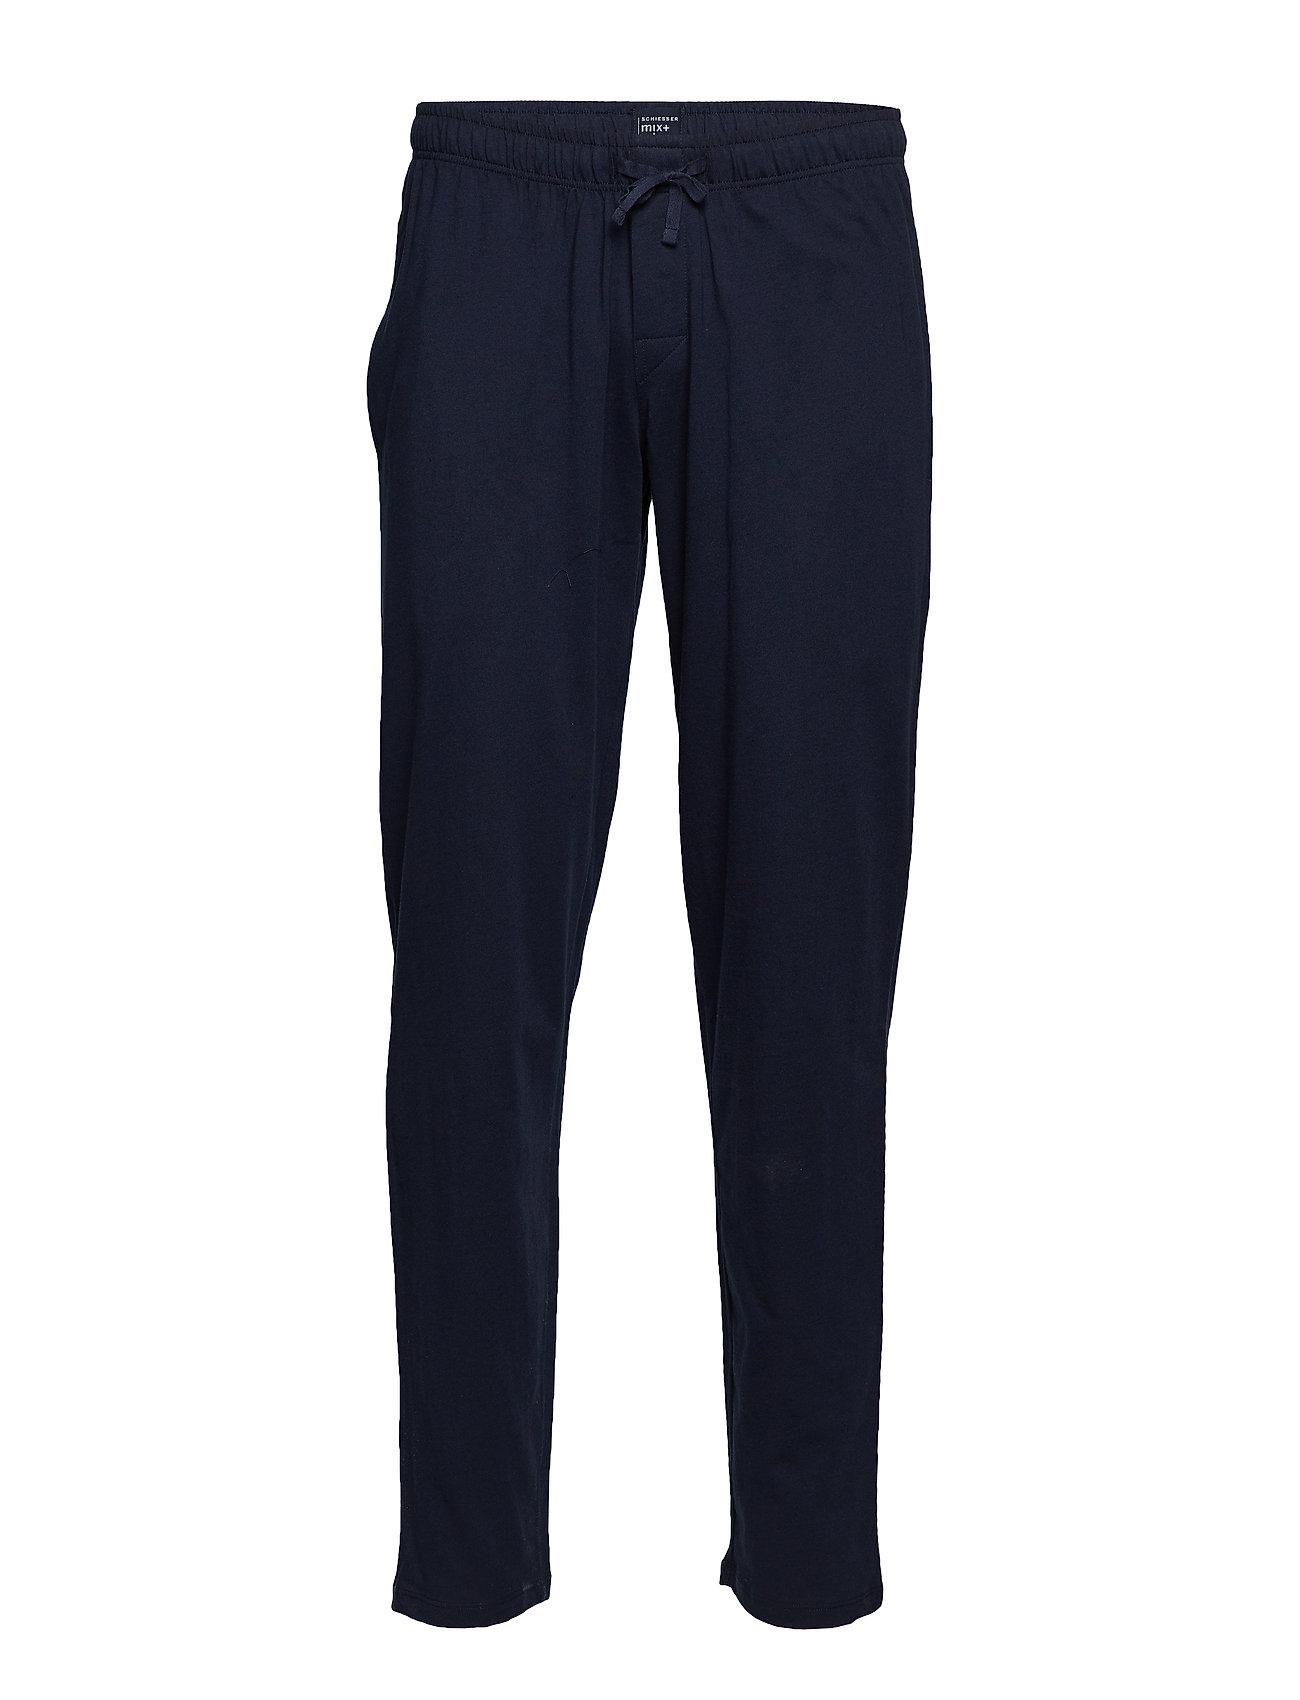 Schiesser Long Pants - DARK BLUE